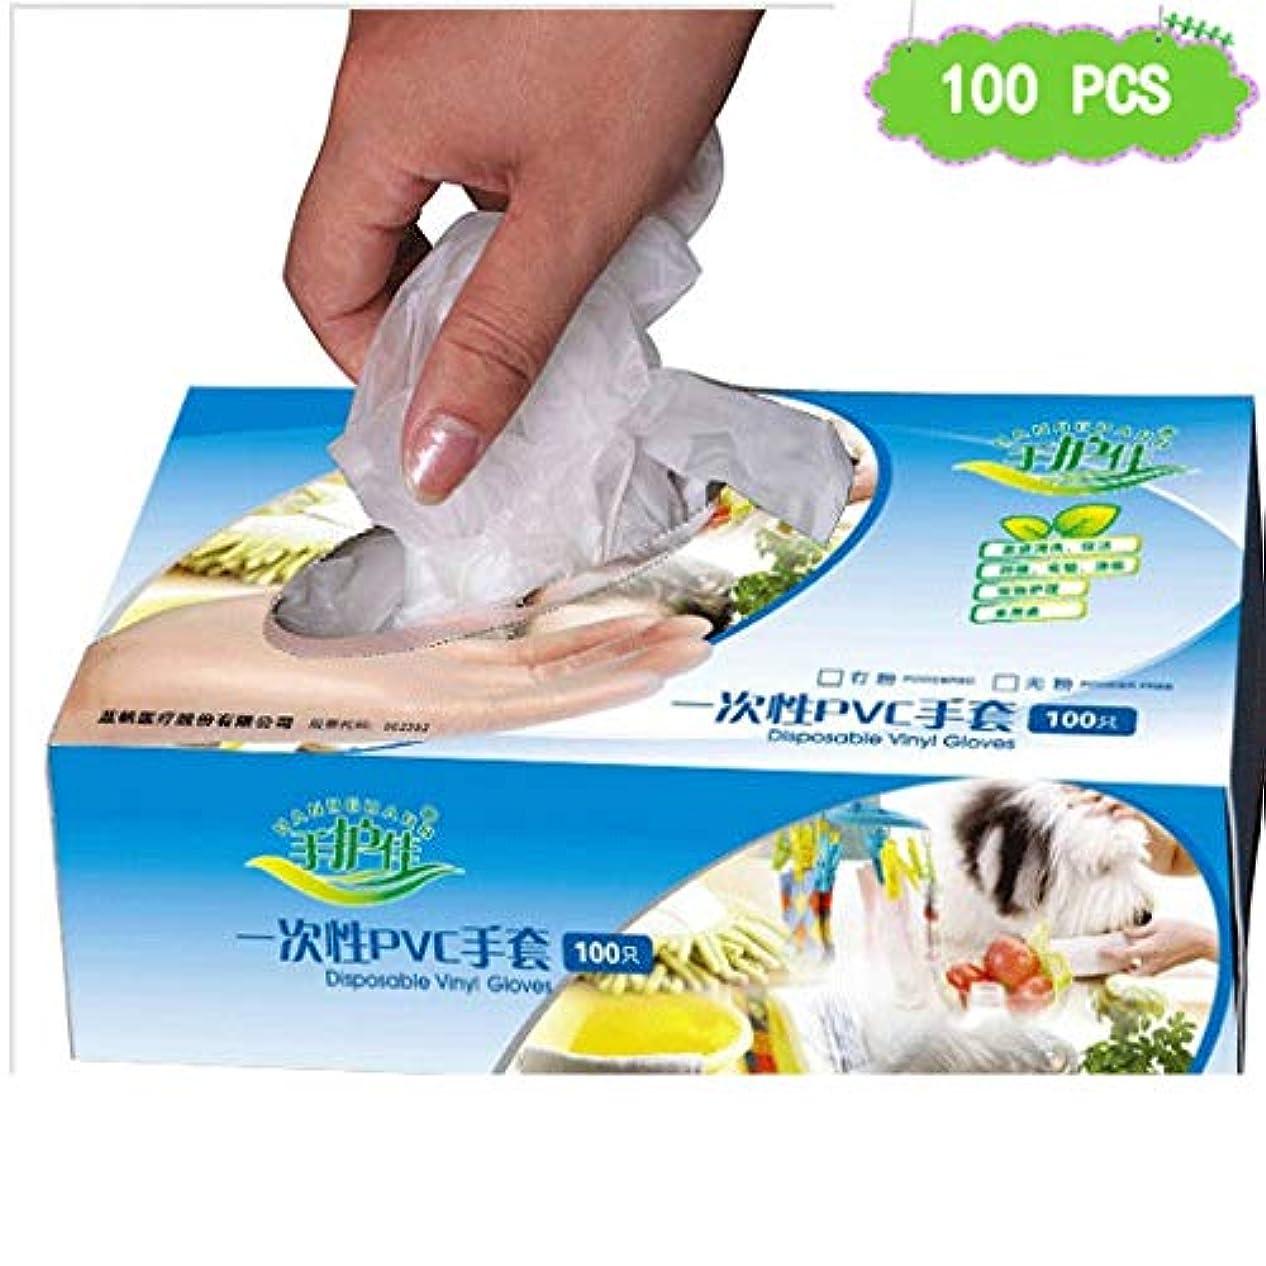 ウナギ触覚軽食ビニール試験使い捨て手袋ゴム研究所労働保険PVC手袋検査保護実験、ビューティーサロンラテックスフリー、パウダーフリー、両手利き、100個 (Size : M)